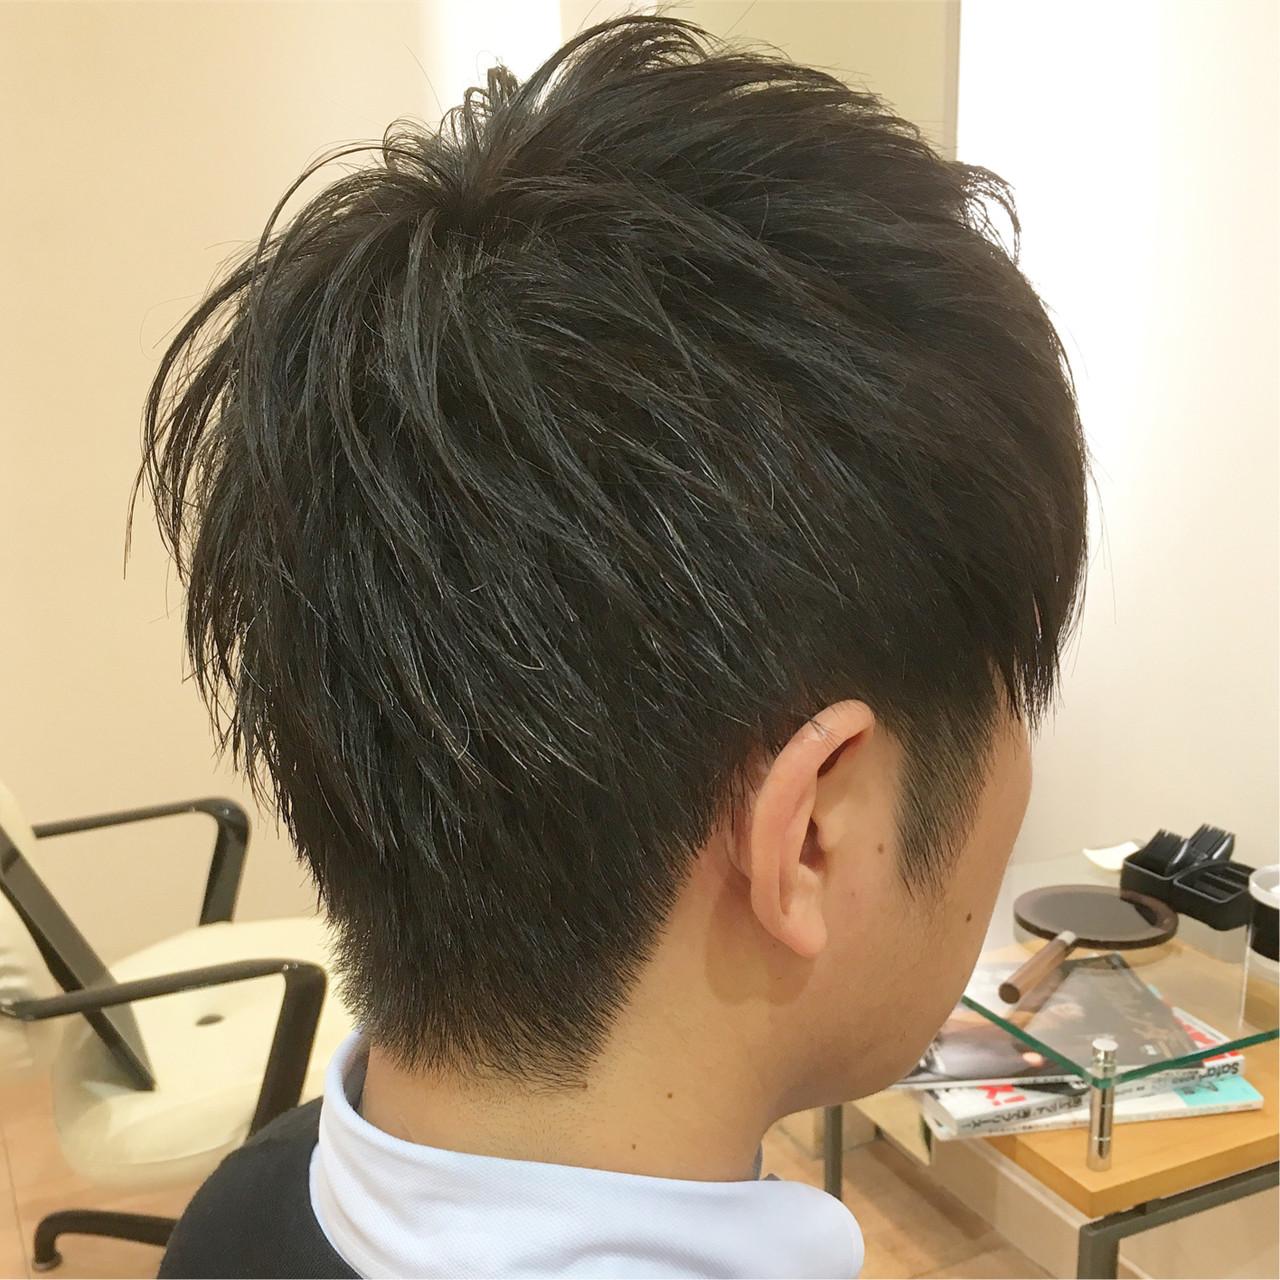 メンズ ショート 刈り上げ ツーブロック ヘアスタイルや髪型の写真・画像 | 平本 詠一 / fabris